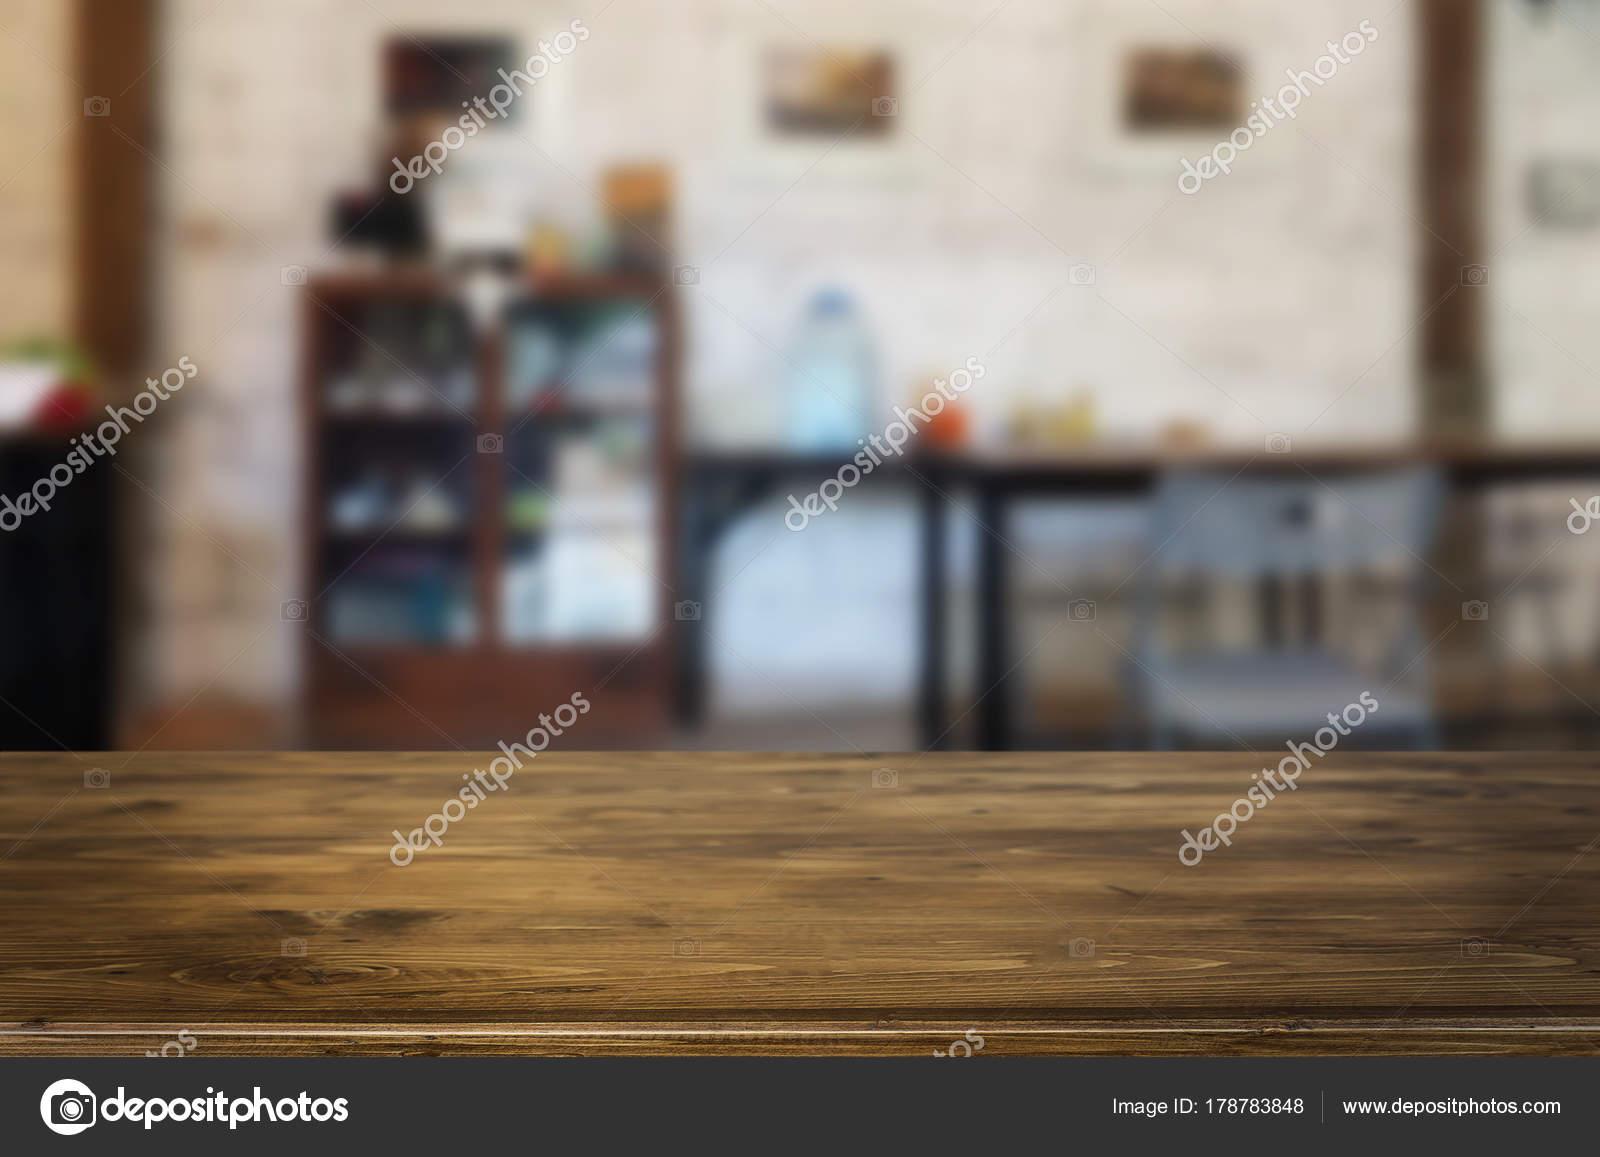 Пустой деревянный стол и комната отделочные фон, продукт монтаж дисплей,  фон окна — Фото автора snowing bdb9b07b7d2